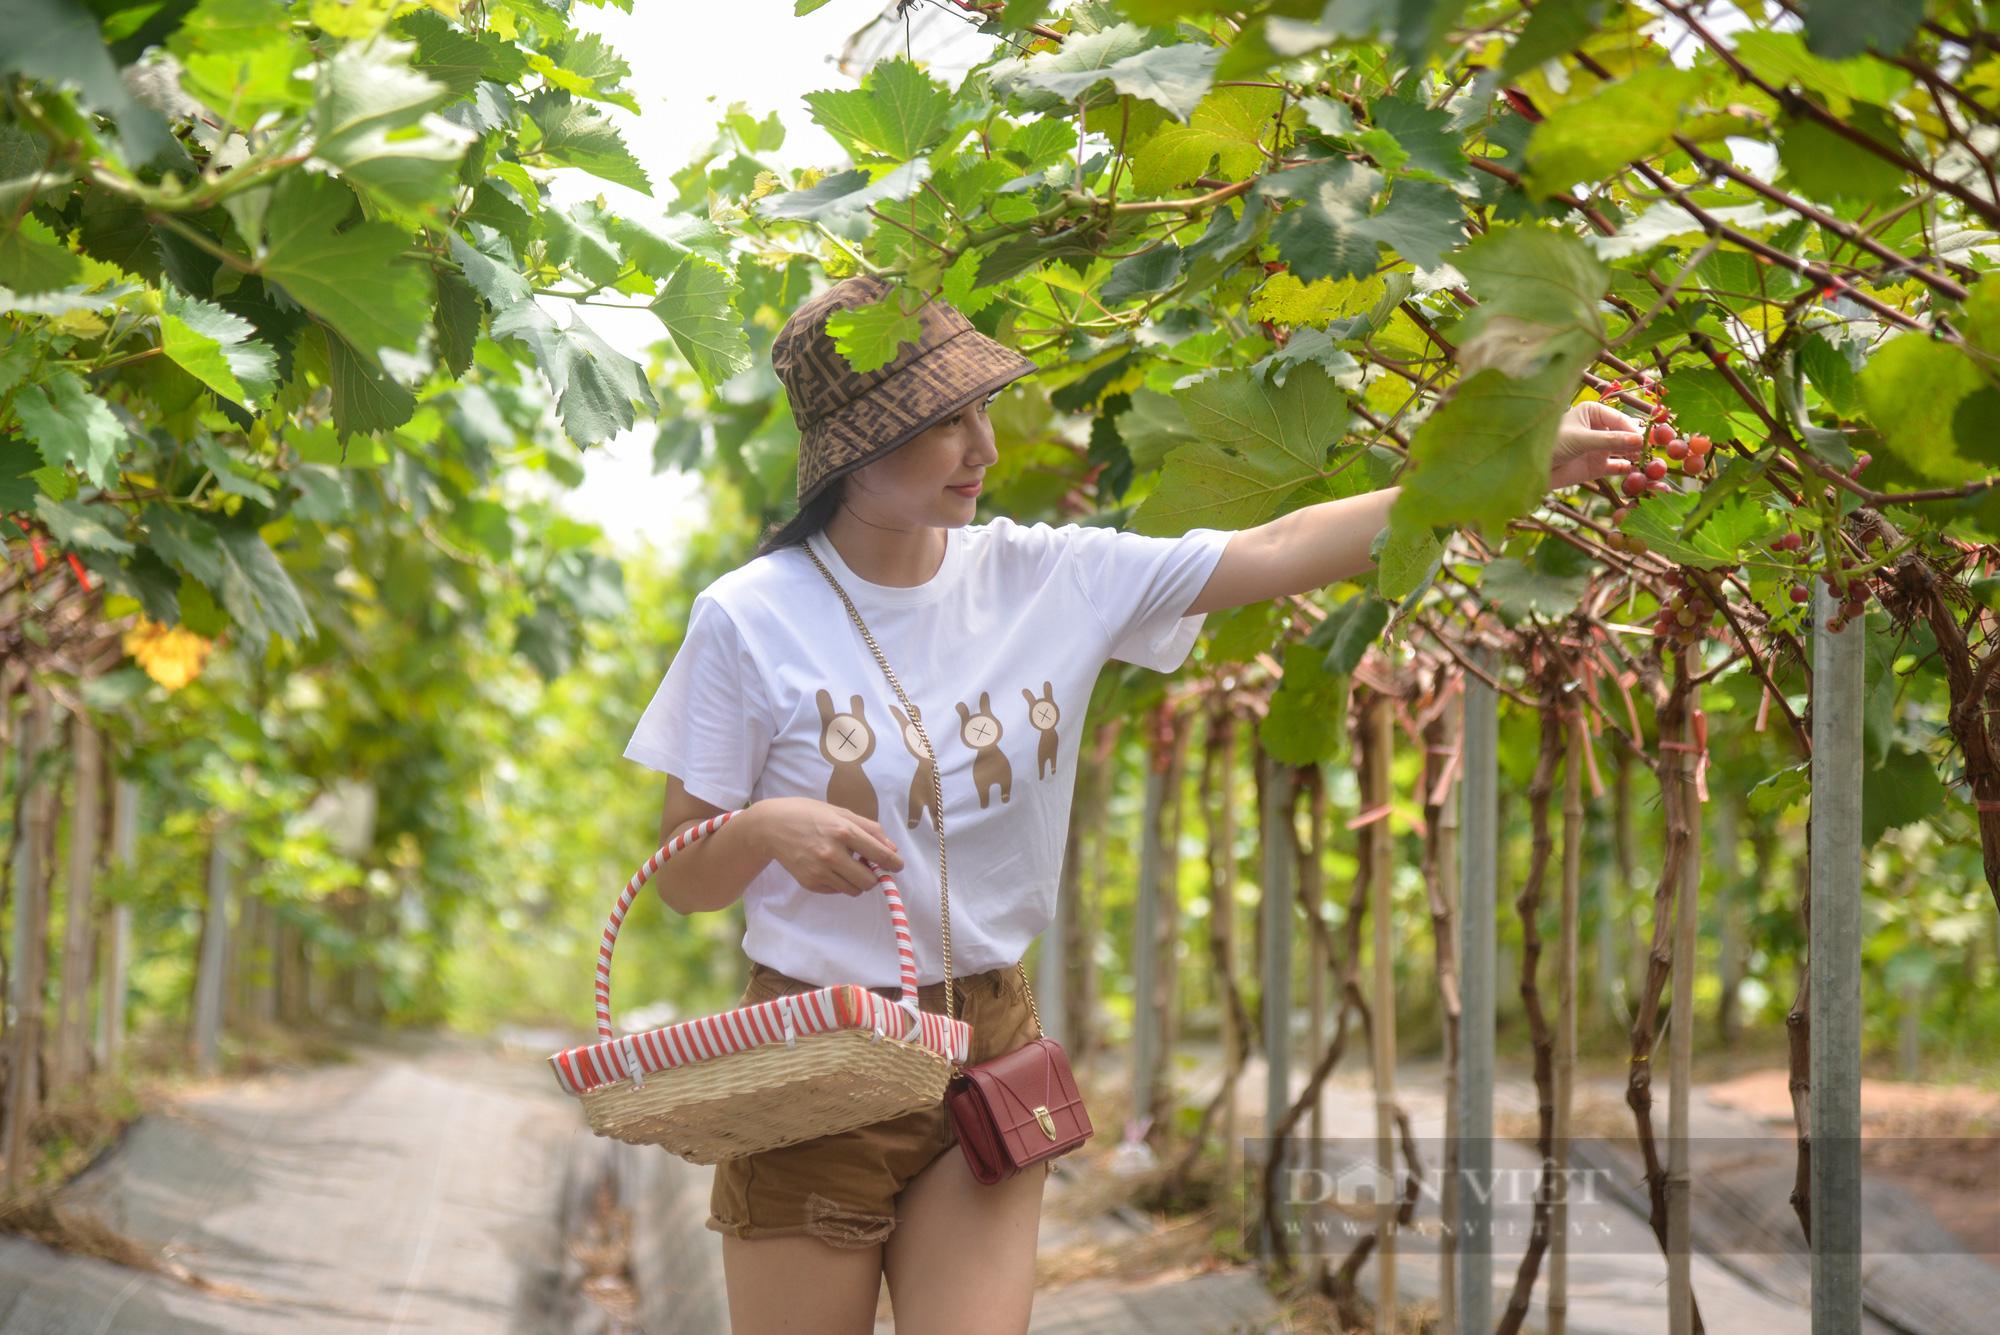 Nông trại nho giữa lòng Hà Nội thu hút giới trẻ tham quan, trải nghiệm - Ảnh 5.